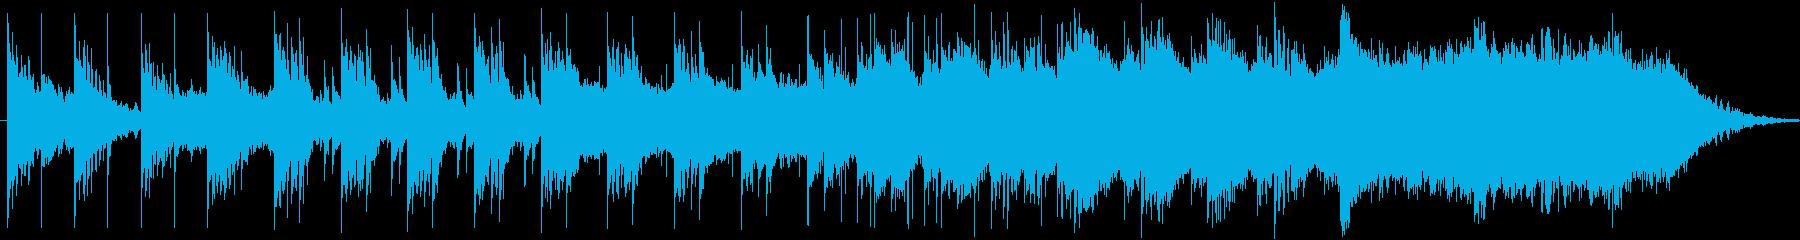 恐怖・ホラー・サスペンスBGMですの再生済みの波形